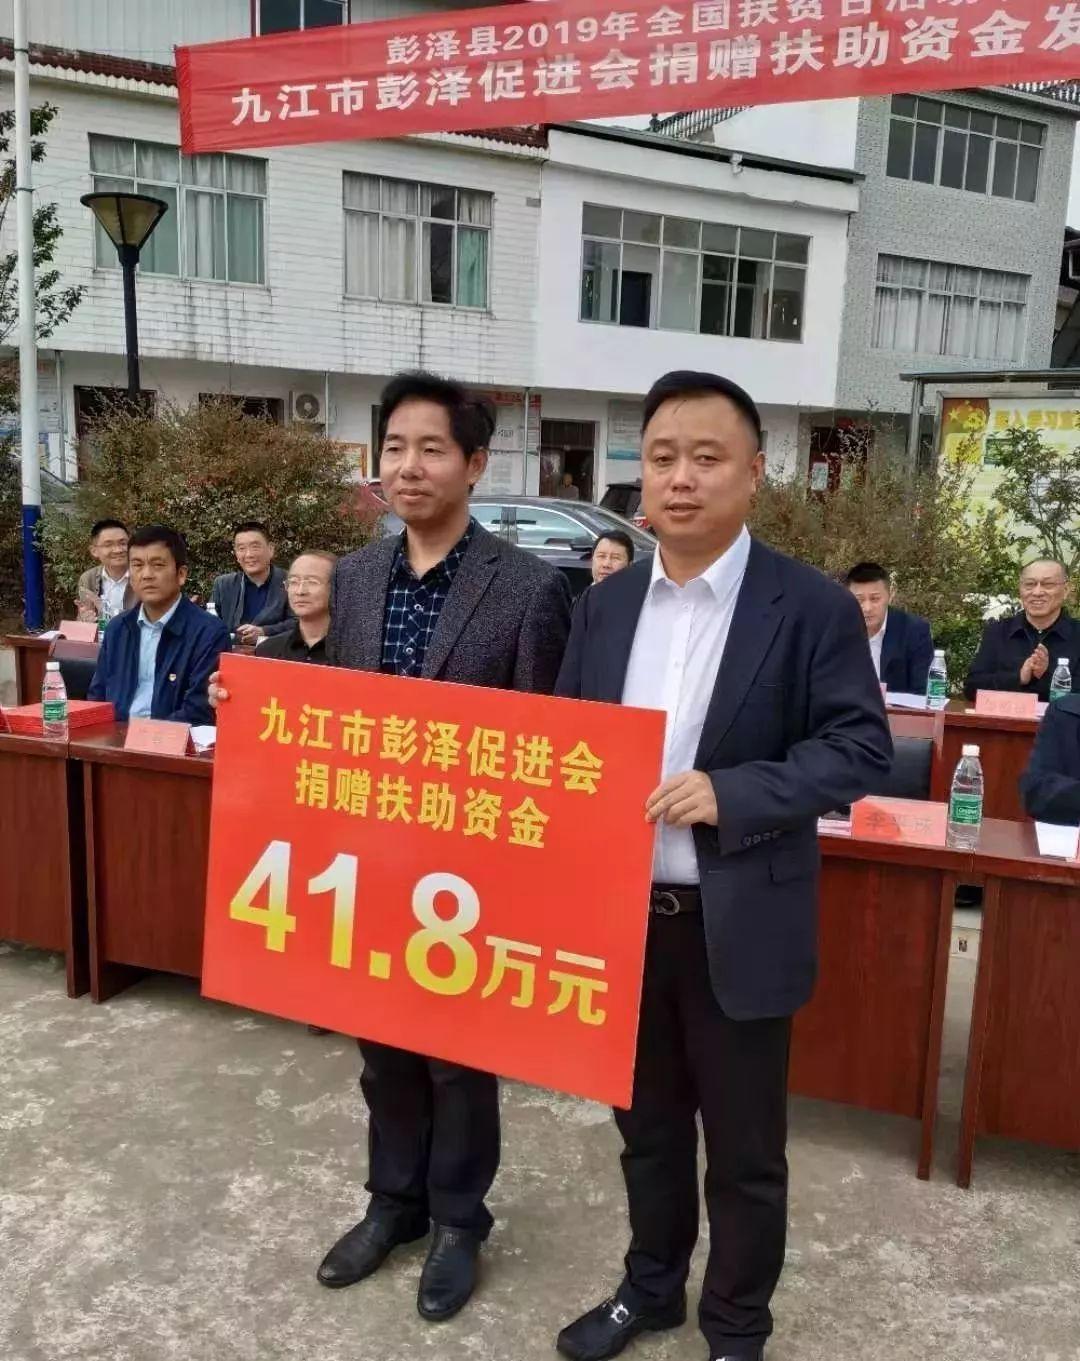 彭泽籍在外人士捐赠41.8万元